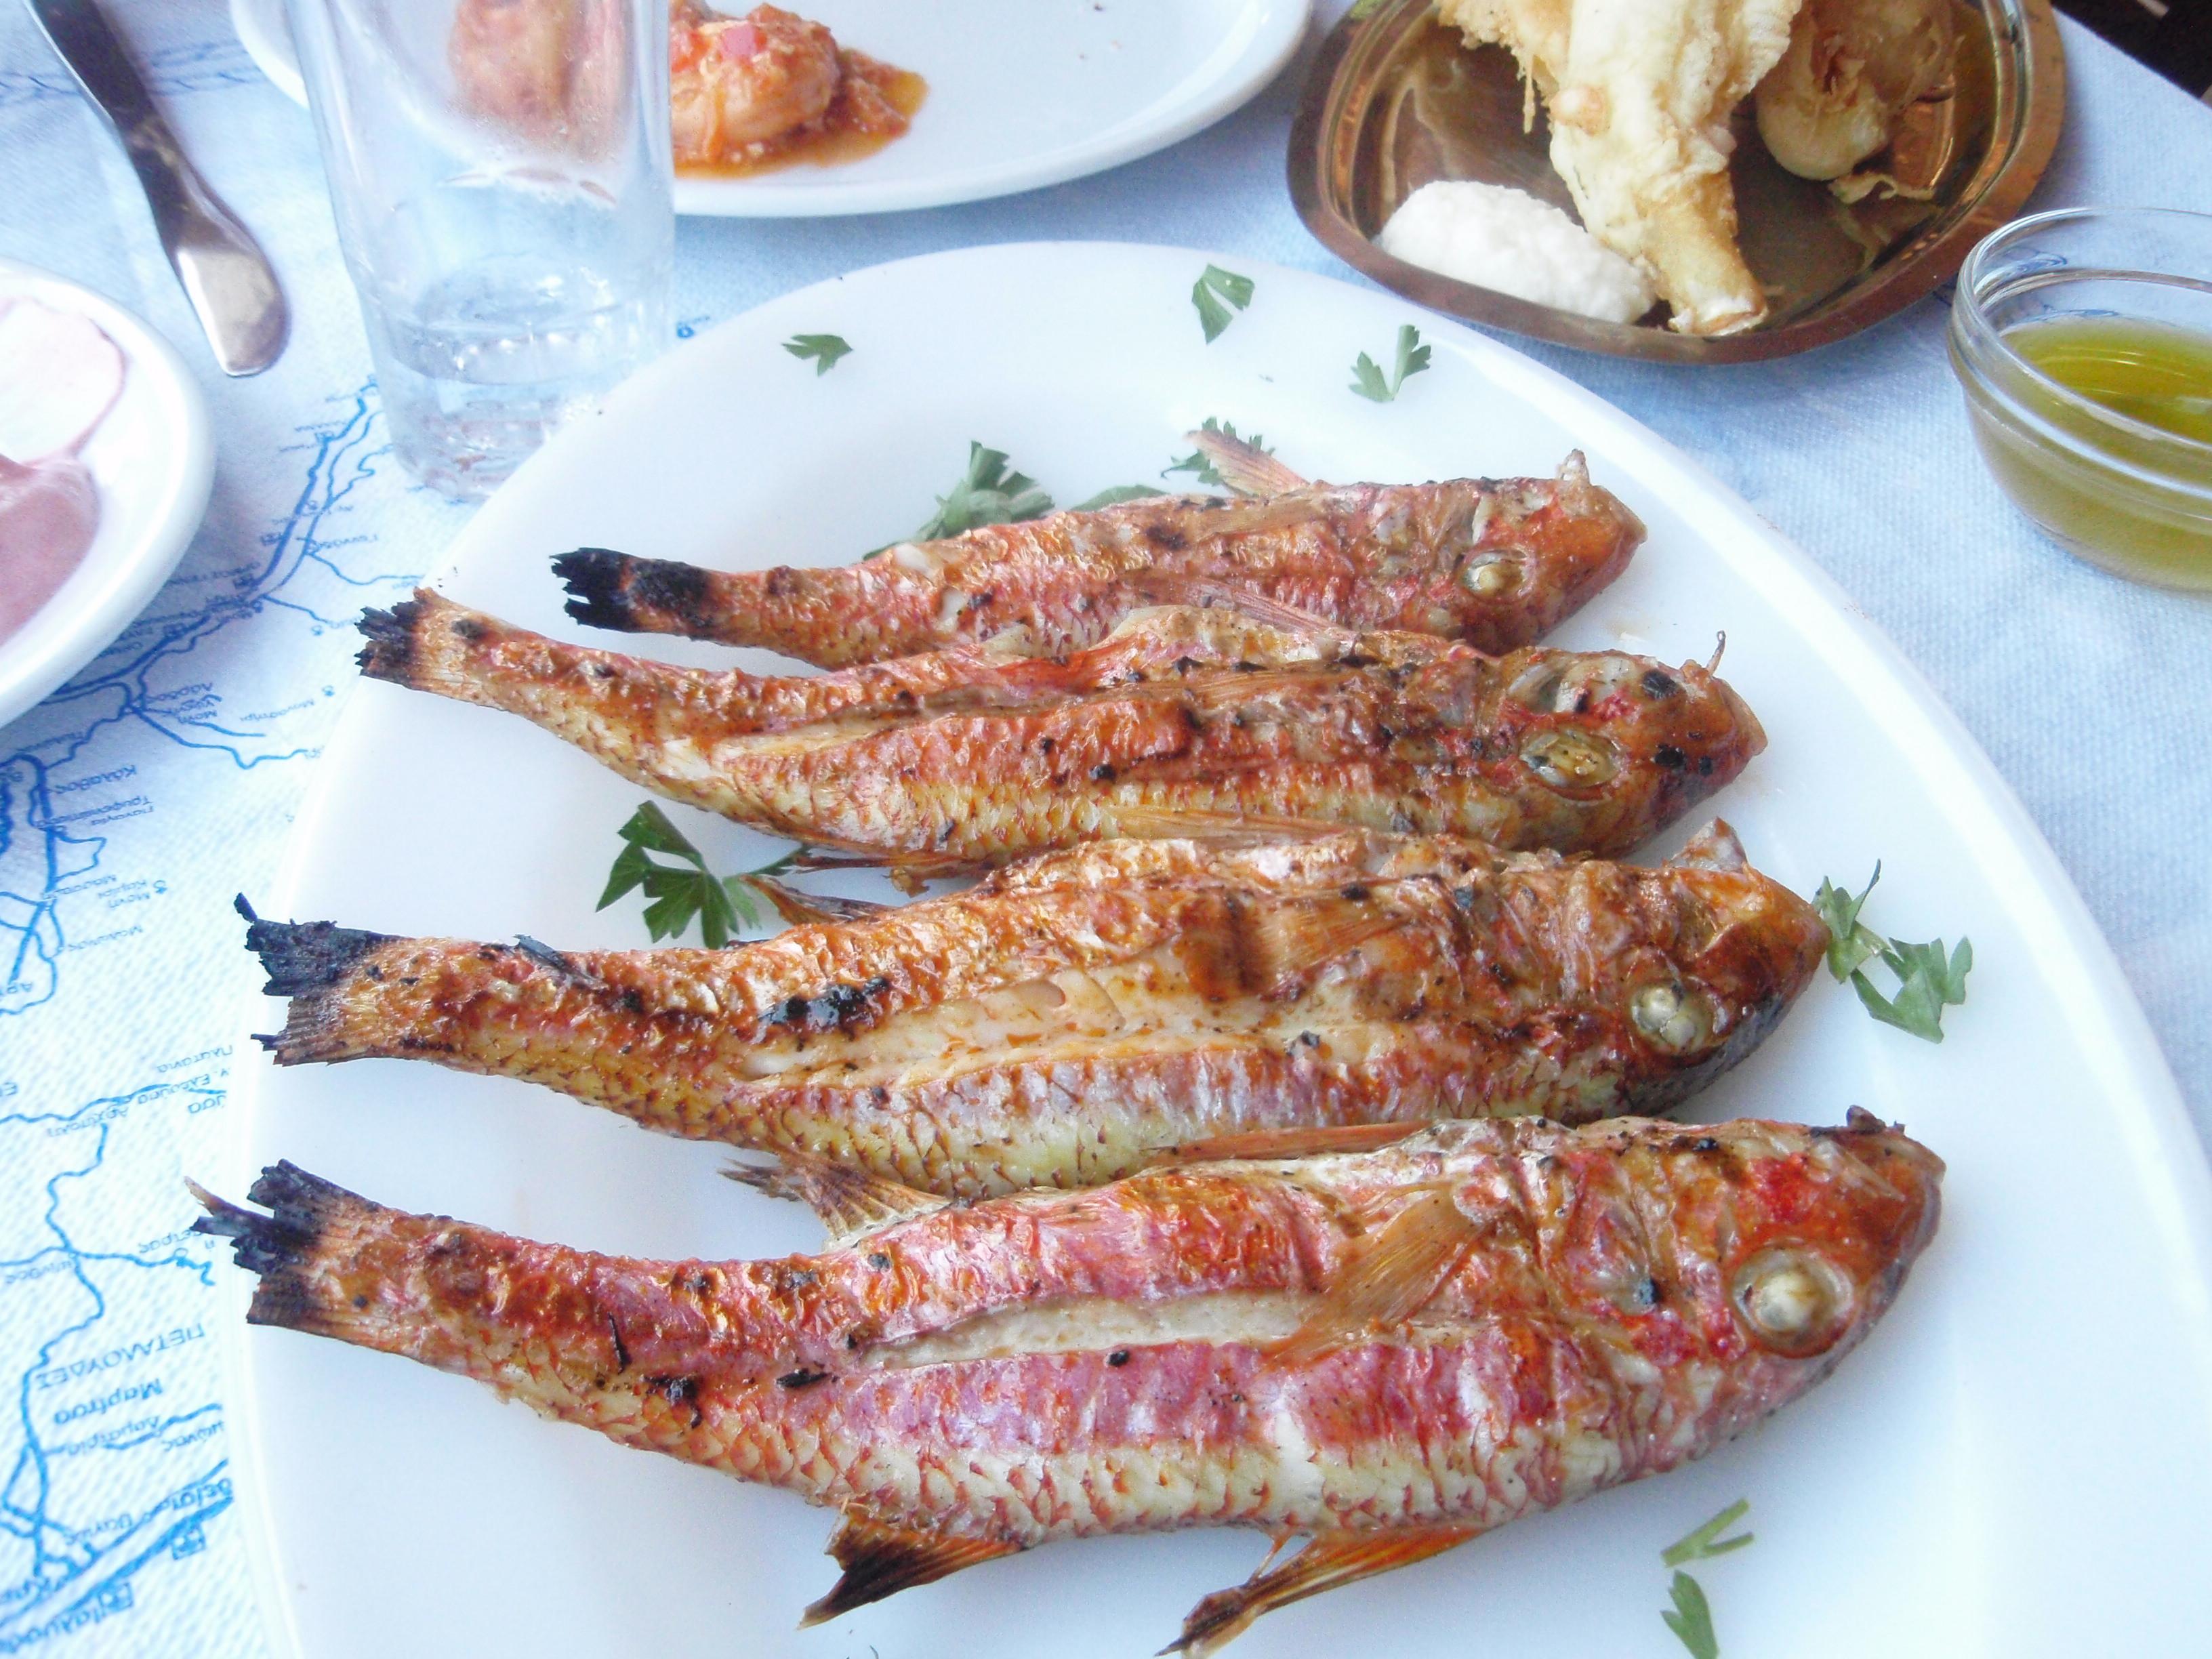 Рыба Барабулька на гриле Родос Греция пейзажи природы Альберт Сафиуллин